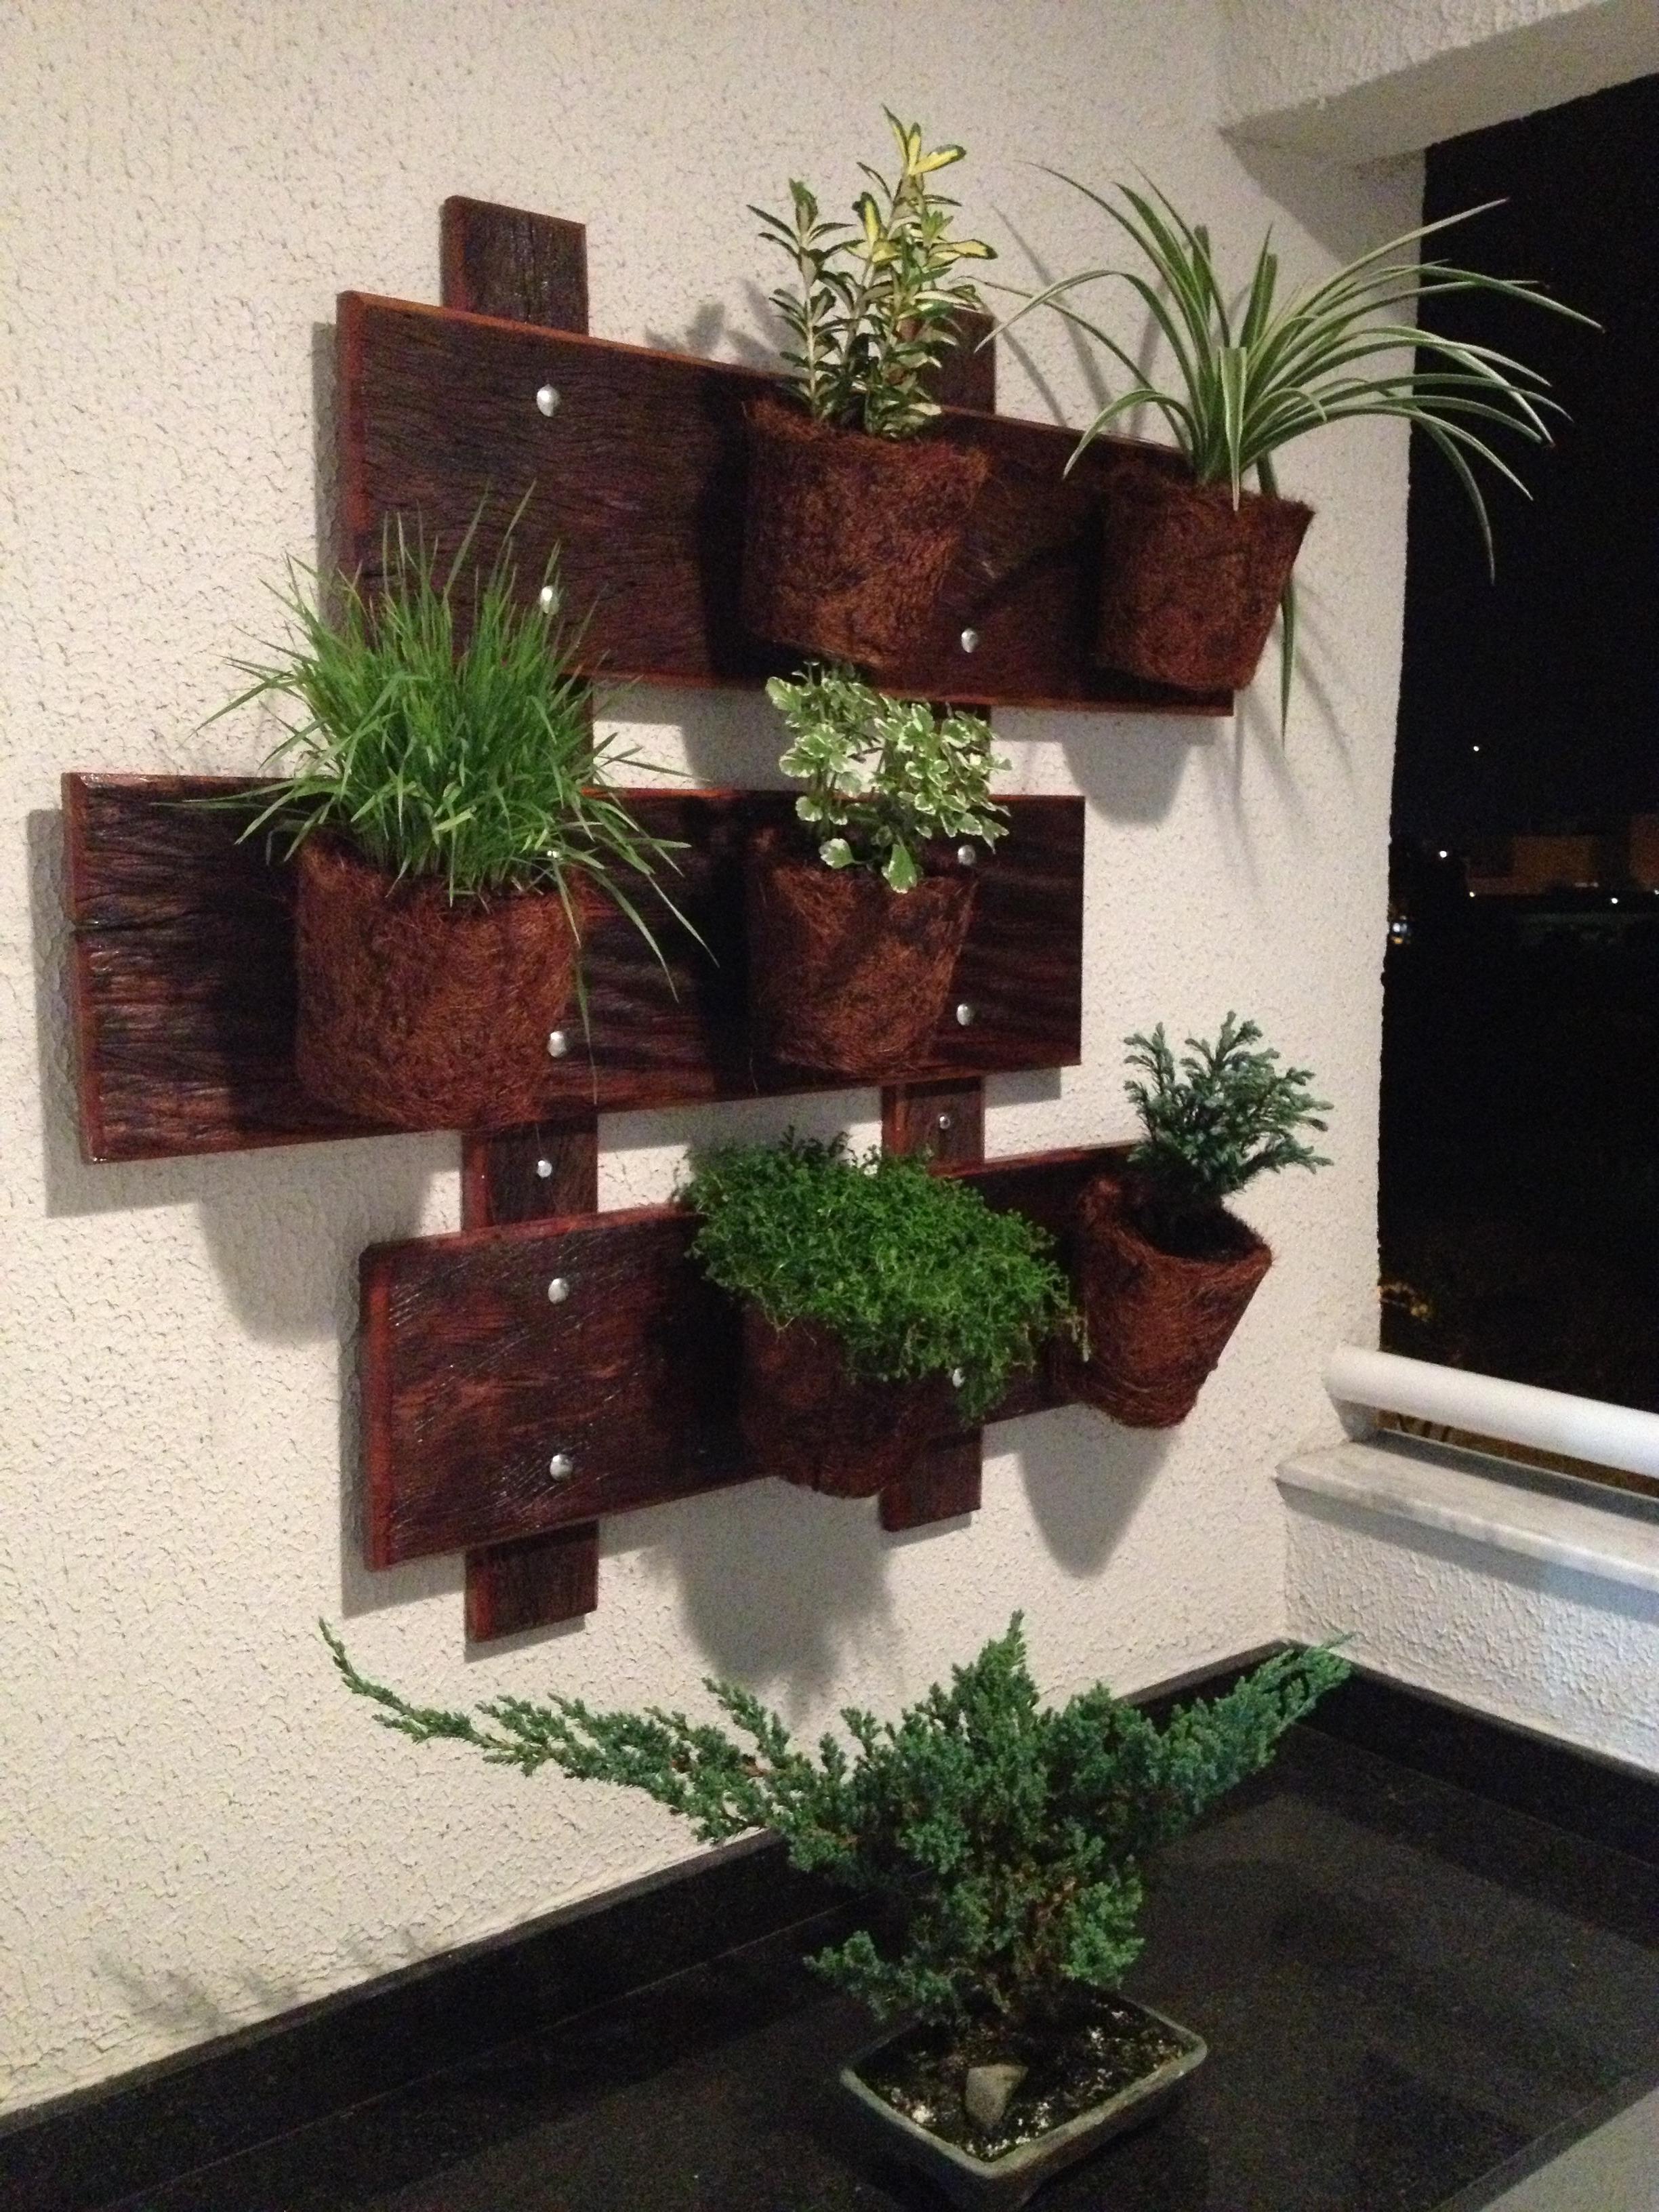 jardim verticcal jardineira em madeira jardim verticcal jardineira em  #603830 2448x3264